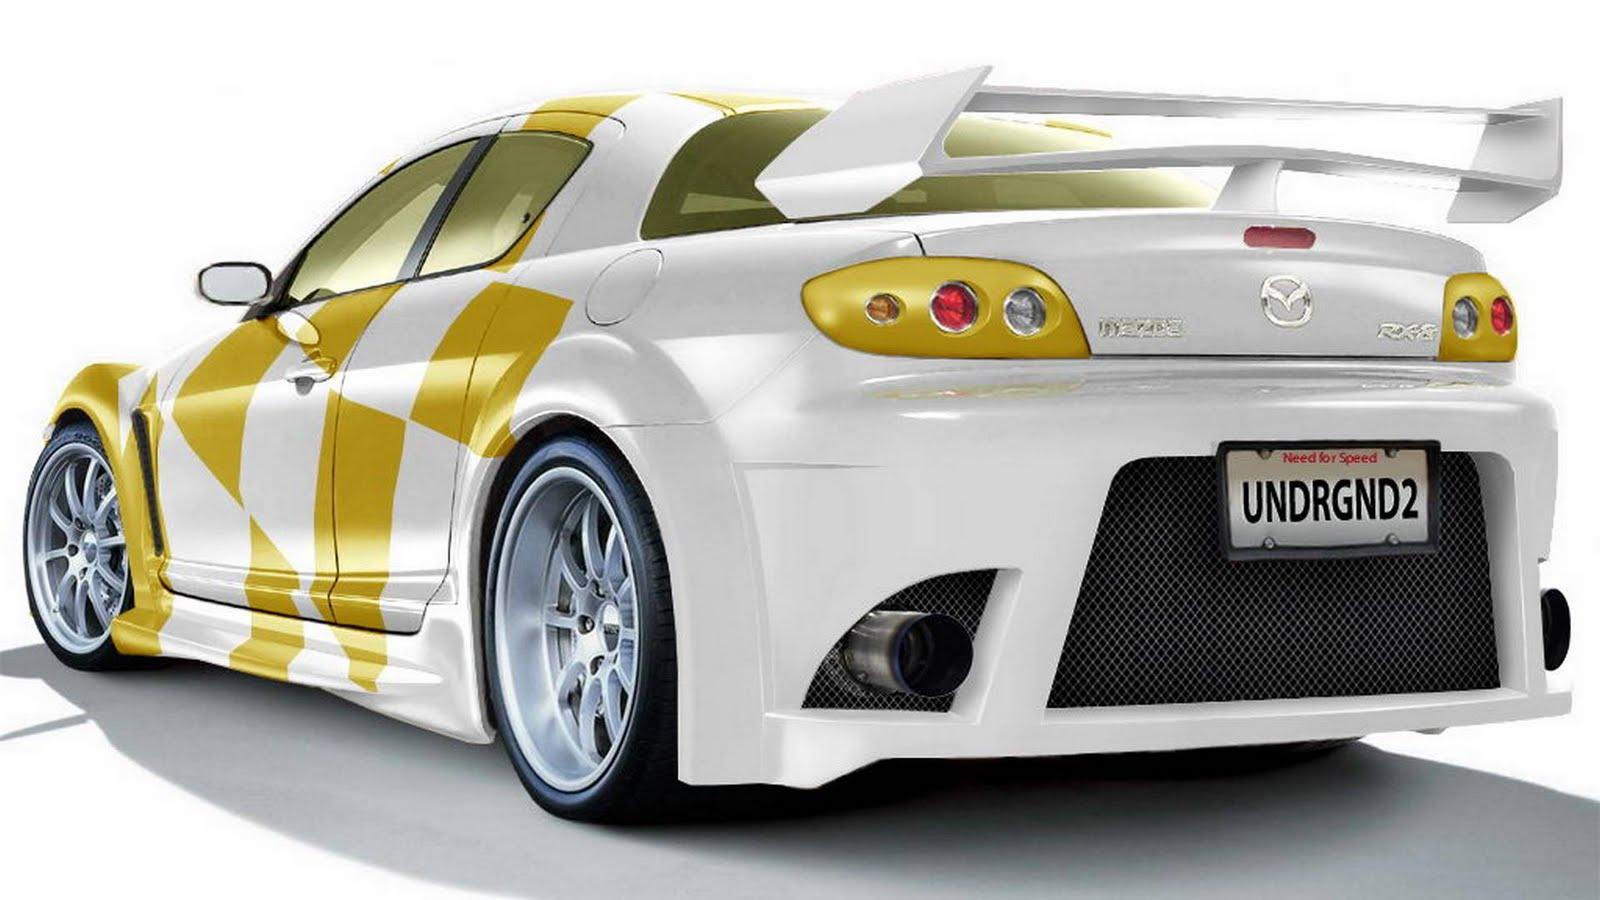 http://3.bp.blogspot.com/-rLVAhS7b5Qs/TgomeiyKV7I/AAAAAAAAArM/jHUUeJThdlY/s1600/NFS-Mazda-RX8-wallpaper.jpg